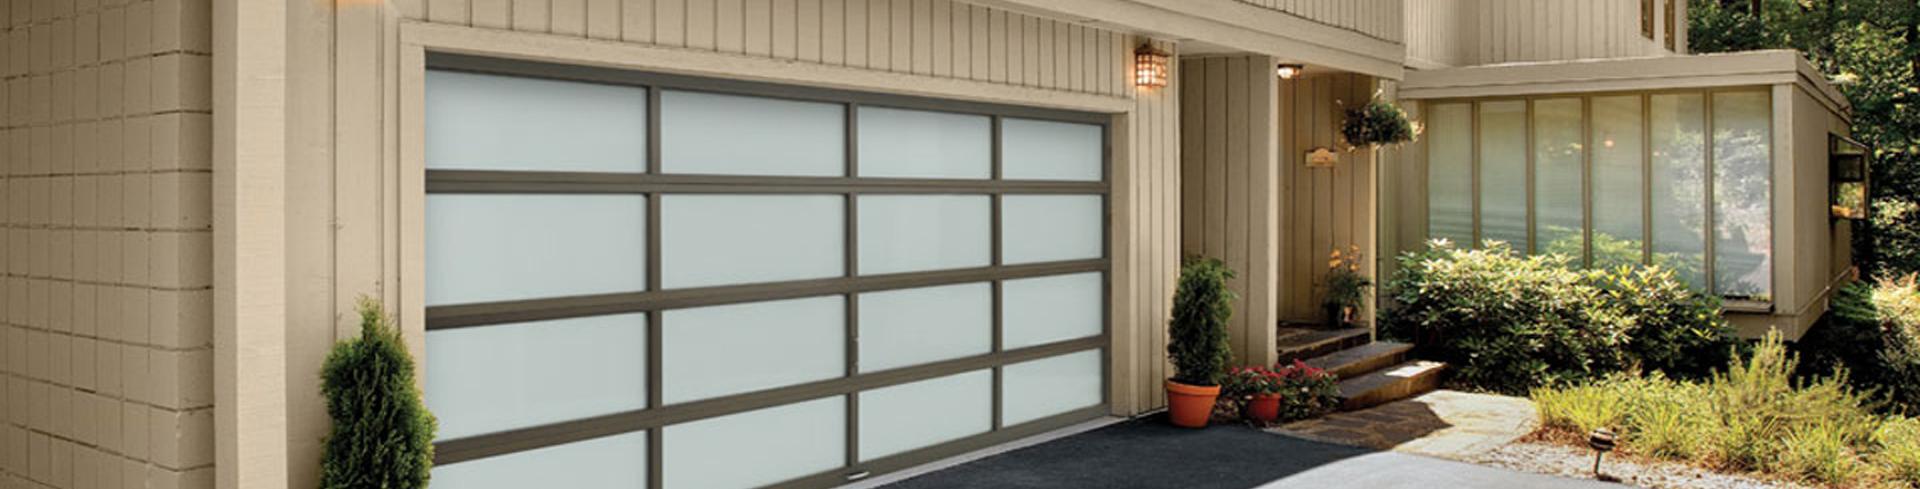 Canadian Doors Garage Door Company In Ottawa